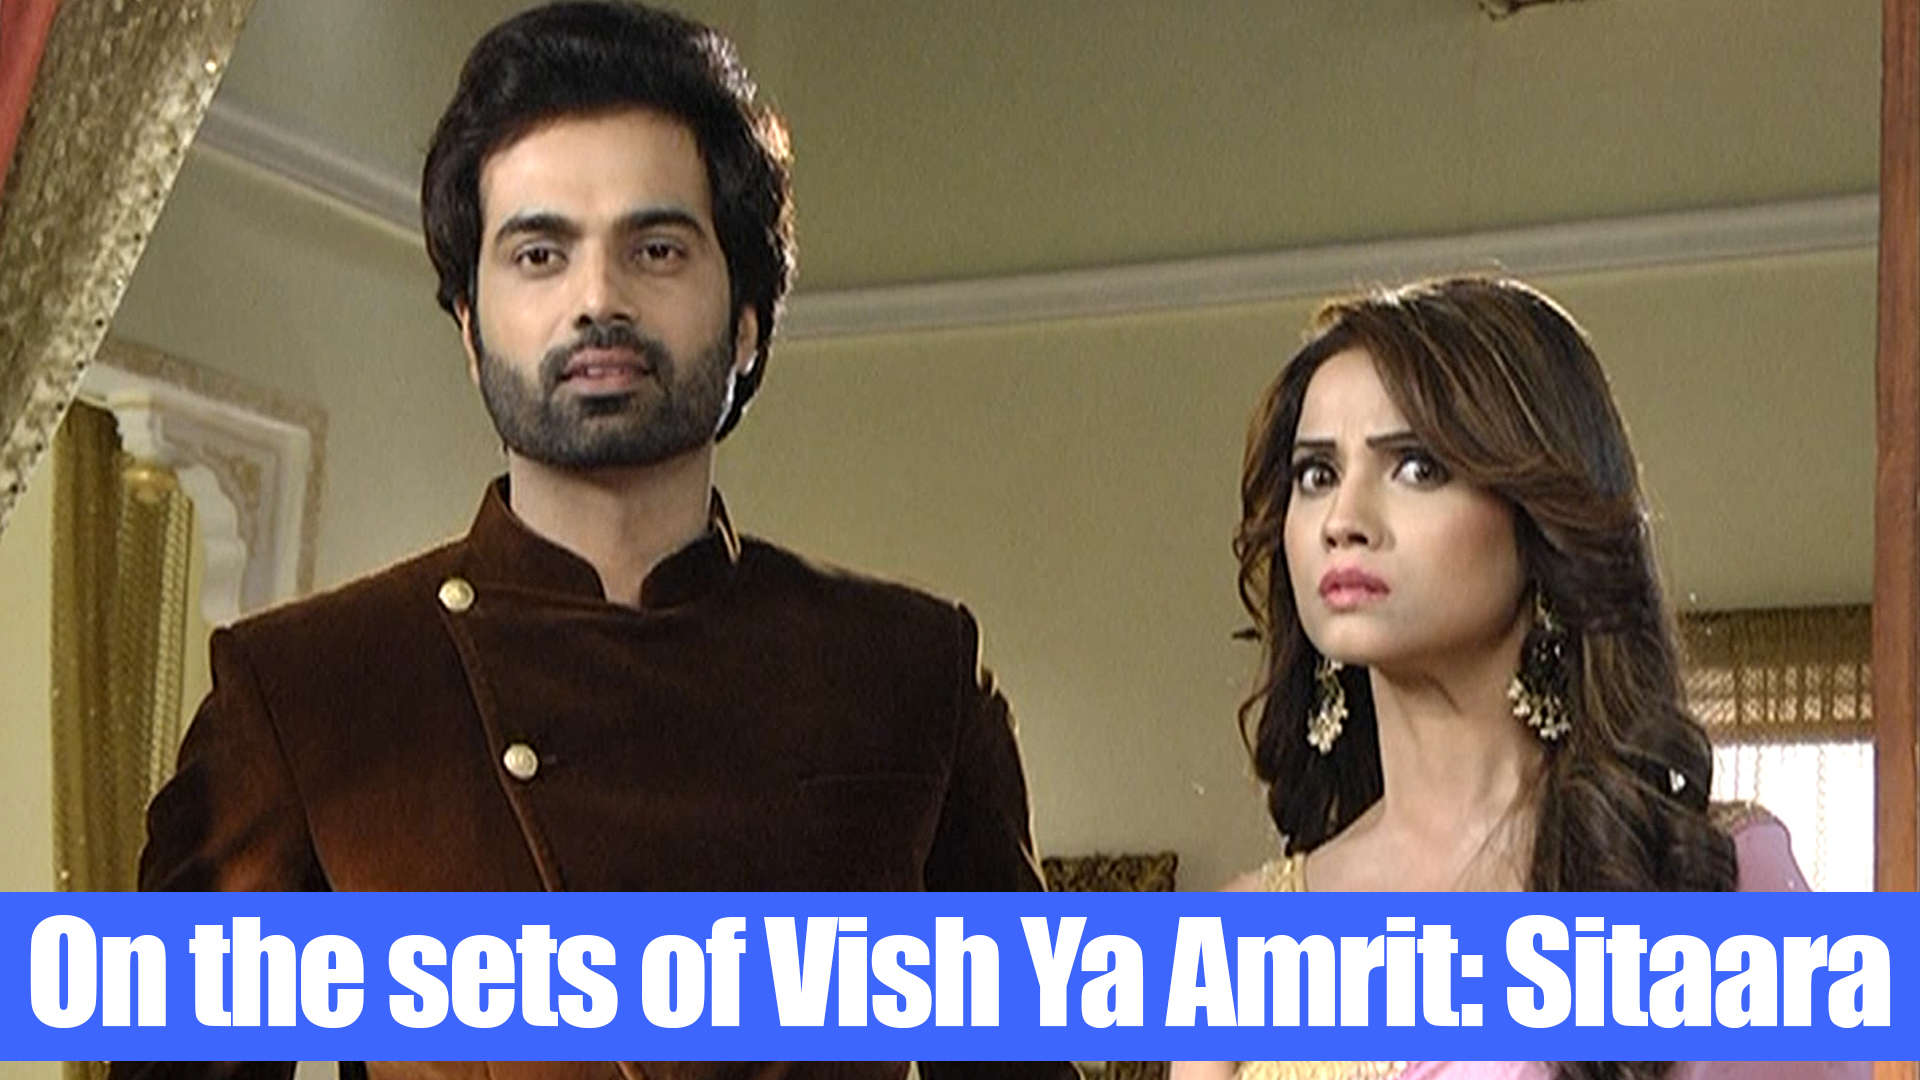 On the sets of Vish Ya Amrit: Sitaara